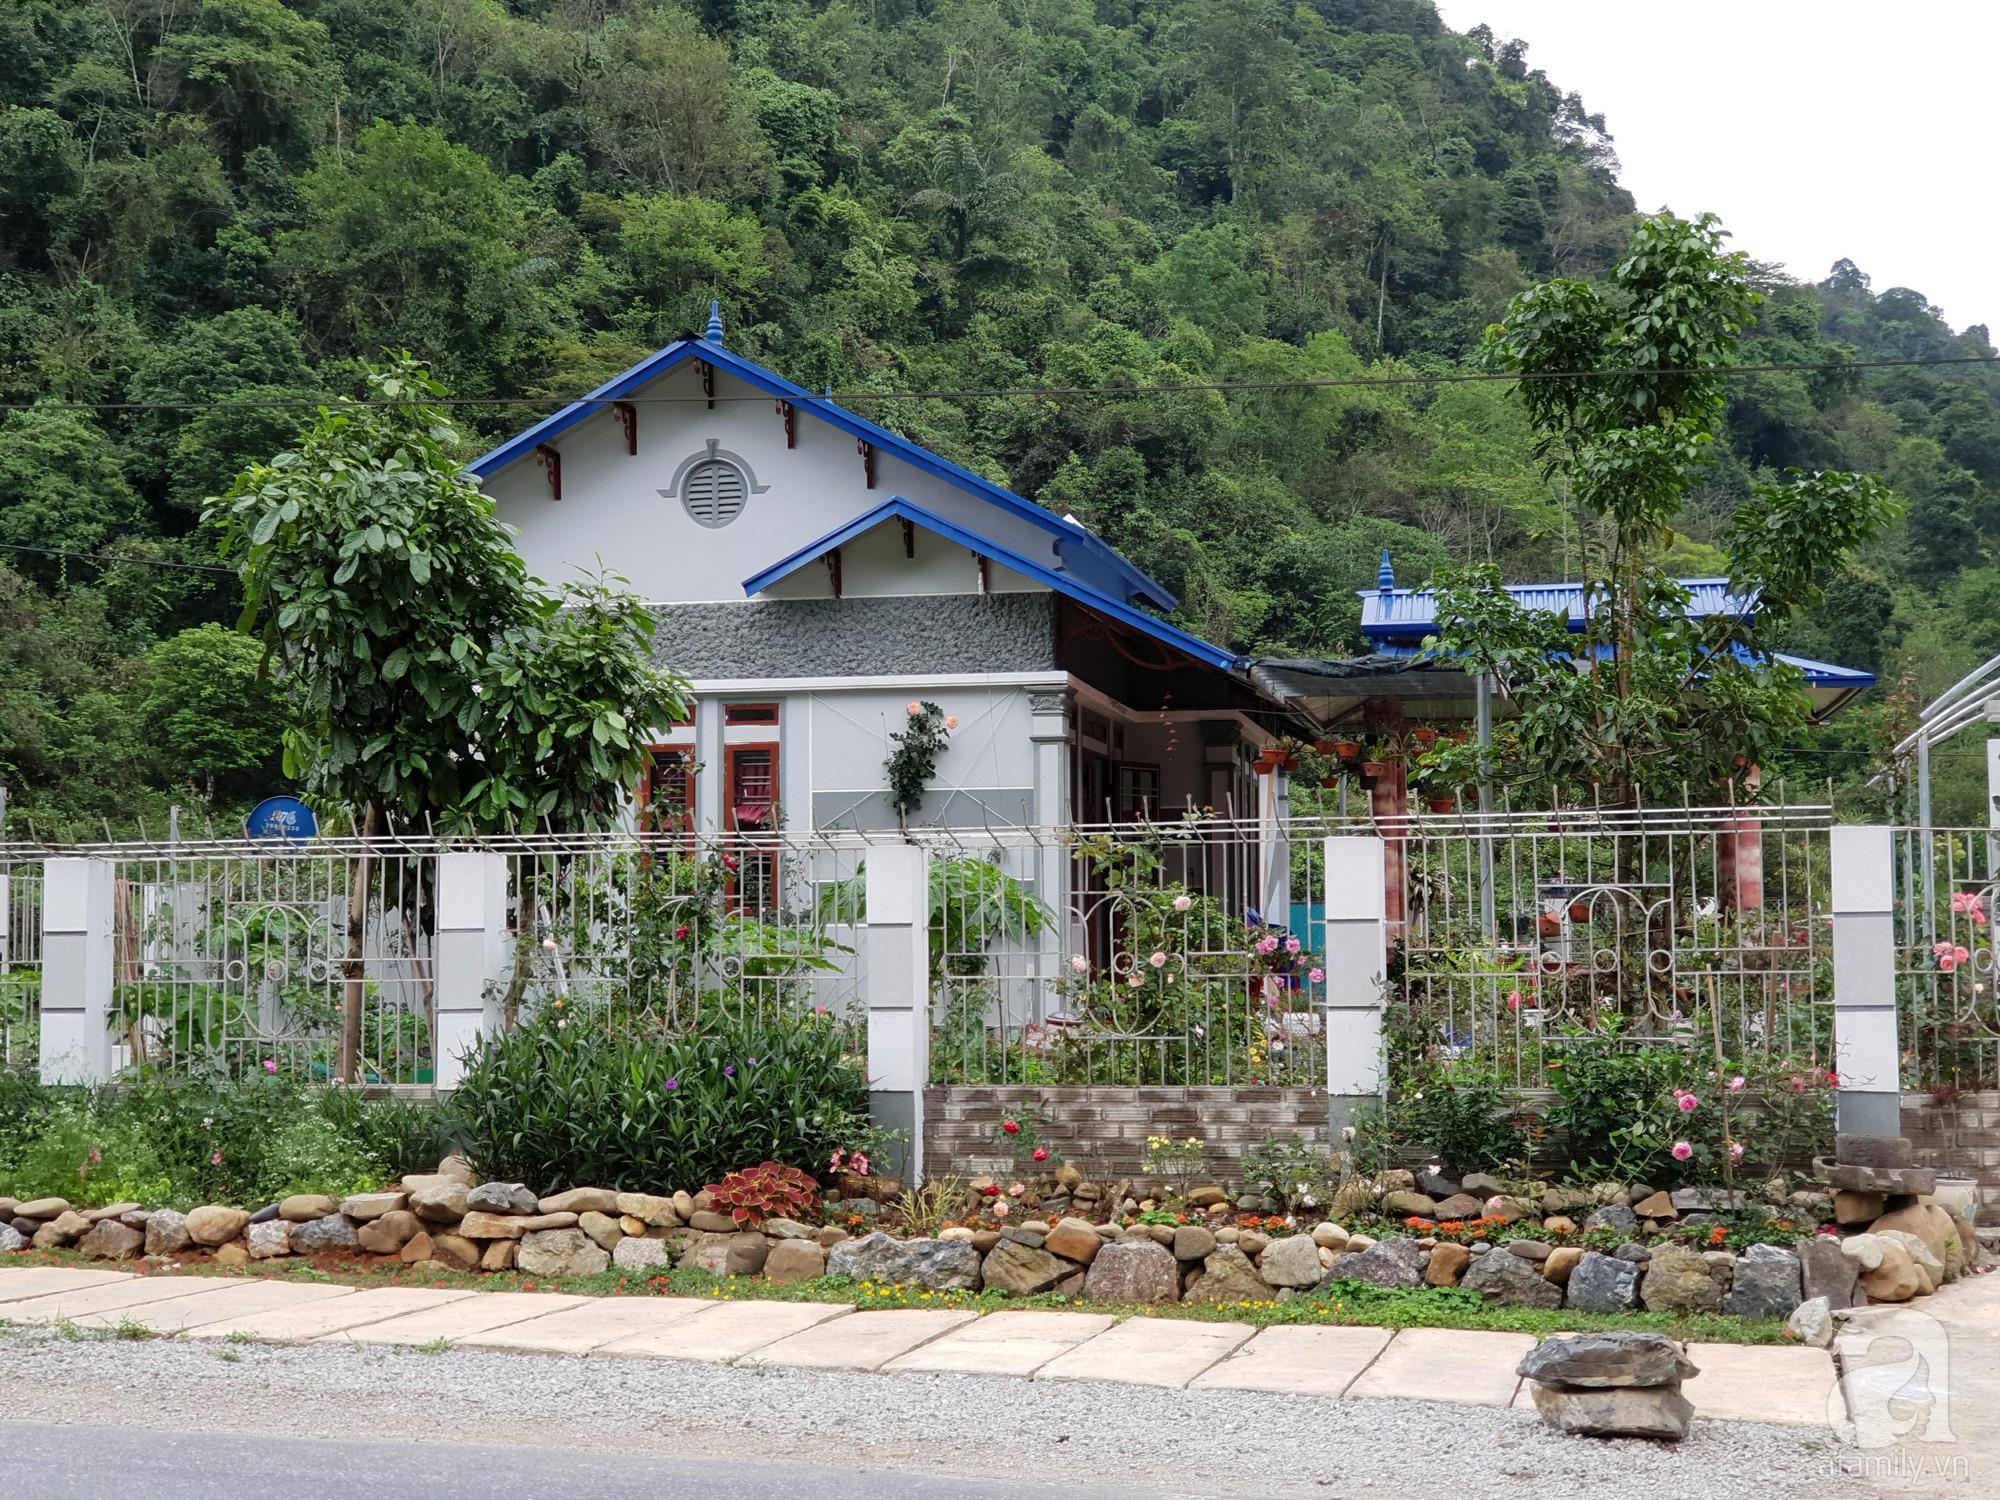 Ngôi nhà hoa hồng thơm ngát và rực rỡ với hàng trăm gốc hồng trên triền núi của cô giáo ở Cao Bằng - Ảnh 5.